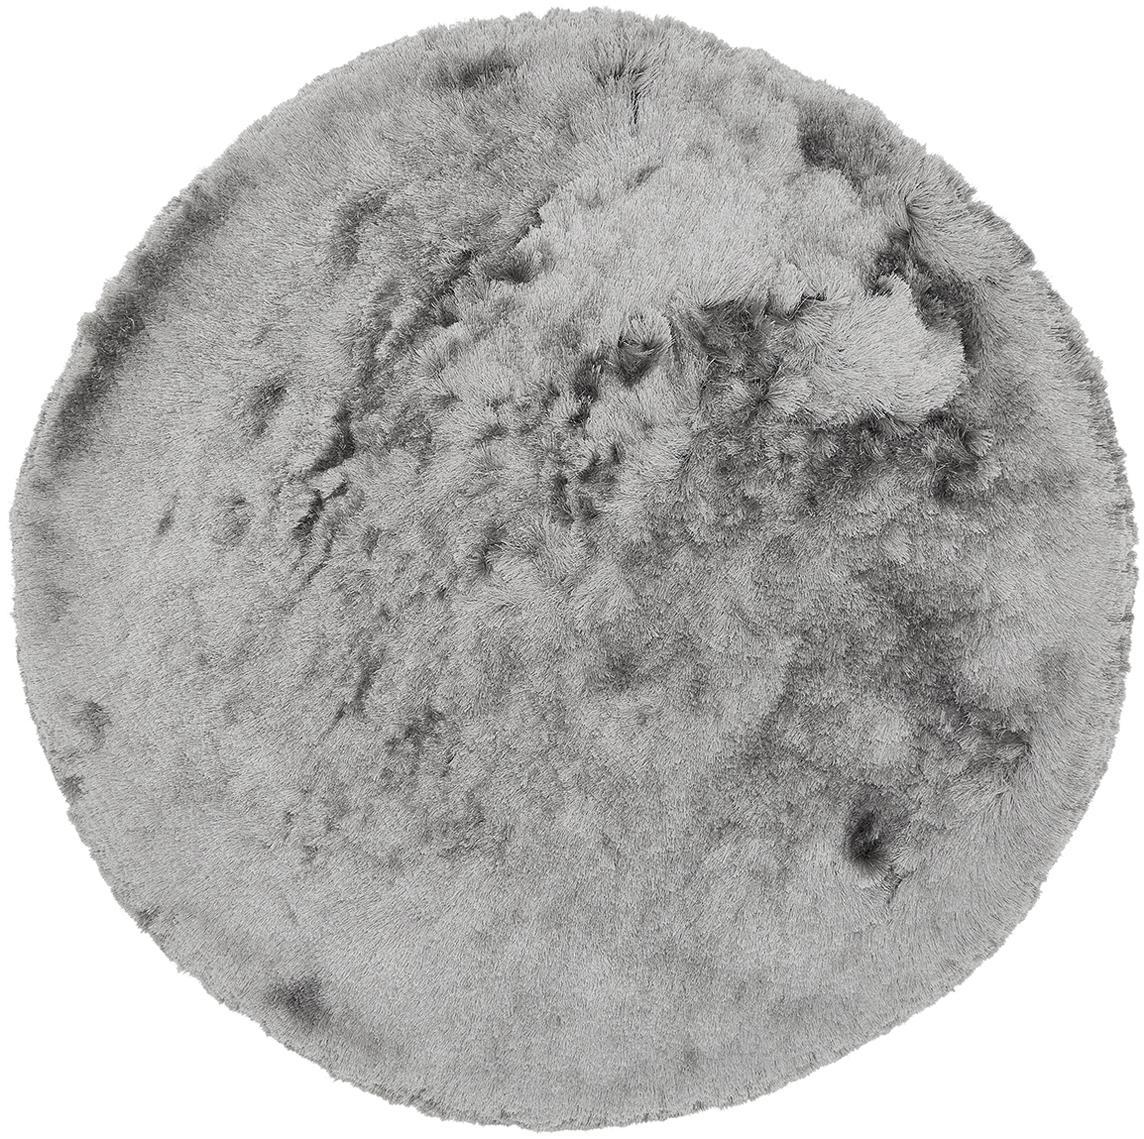 Glänzender Hochflor-Teppich Jimmy in Hellgrau, rund, Flor: 100% Polyester, Hellgrau, Ø 150 cm (Größe M)